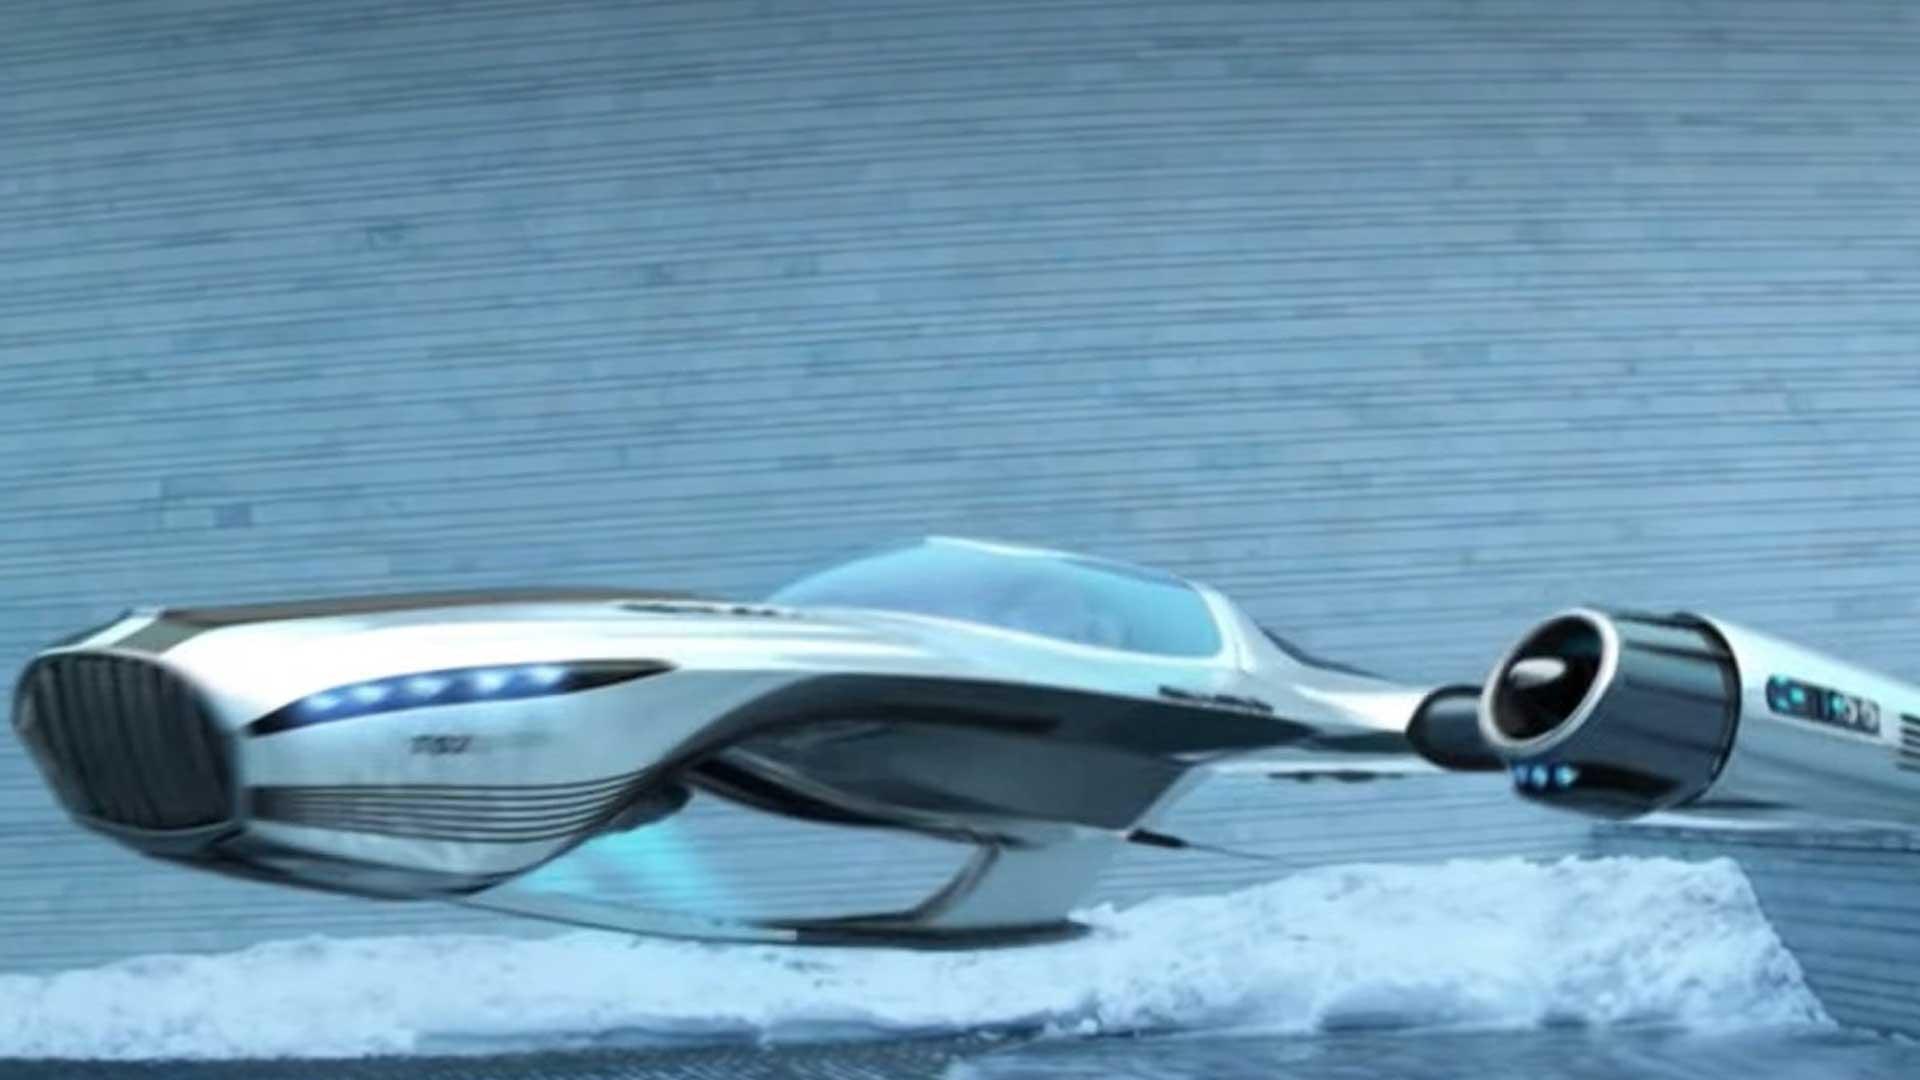 Científicos diseñan un avión que funciona con iones como Star Trek